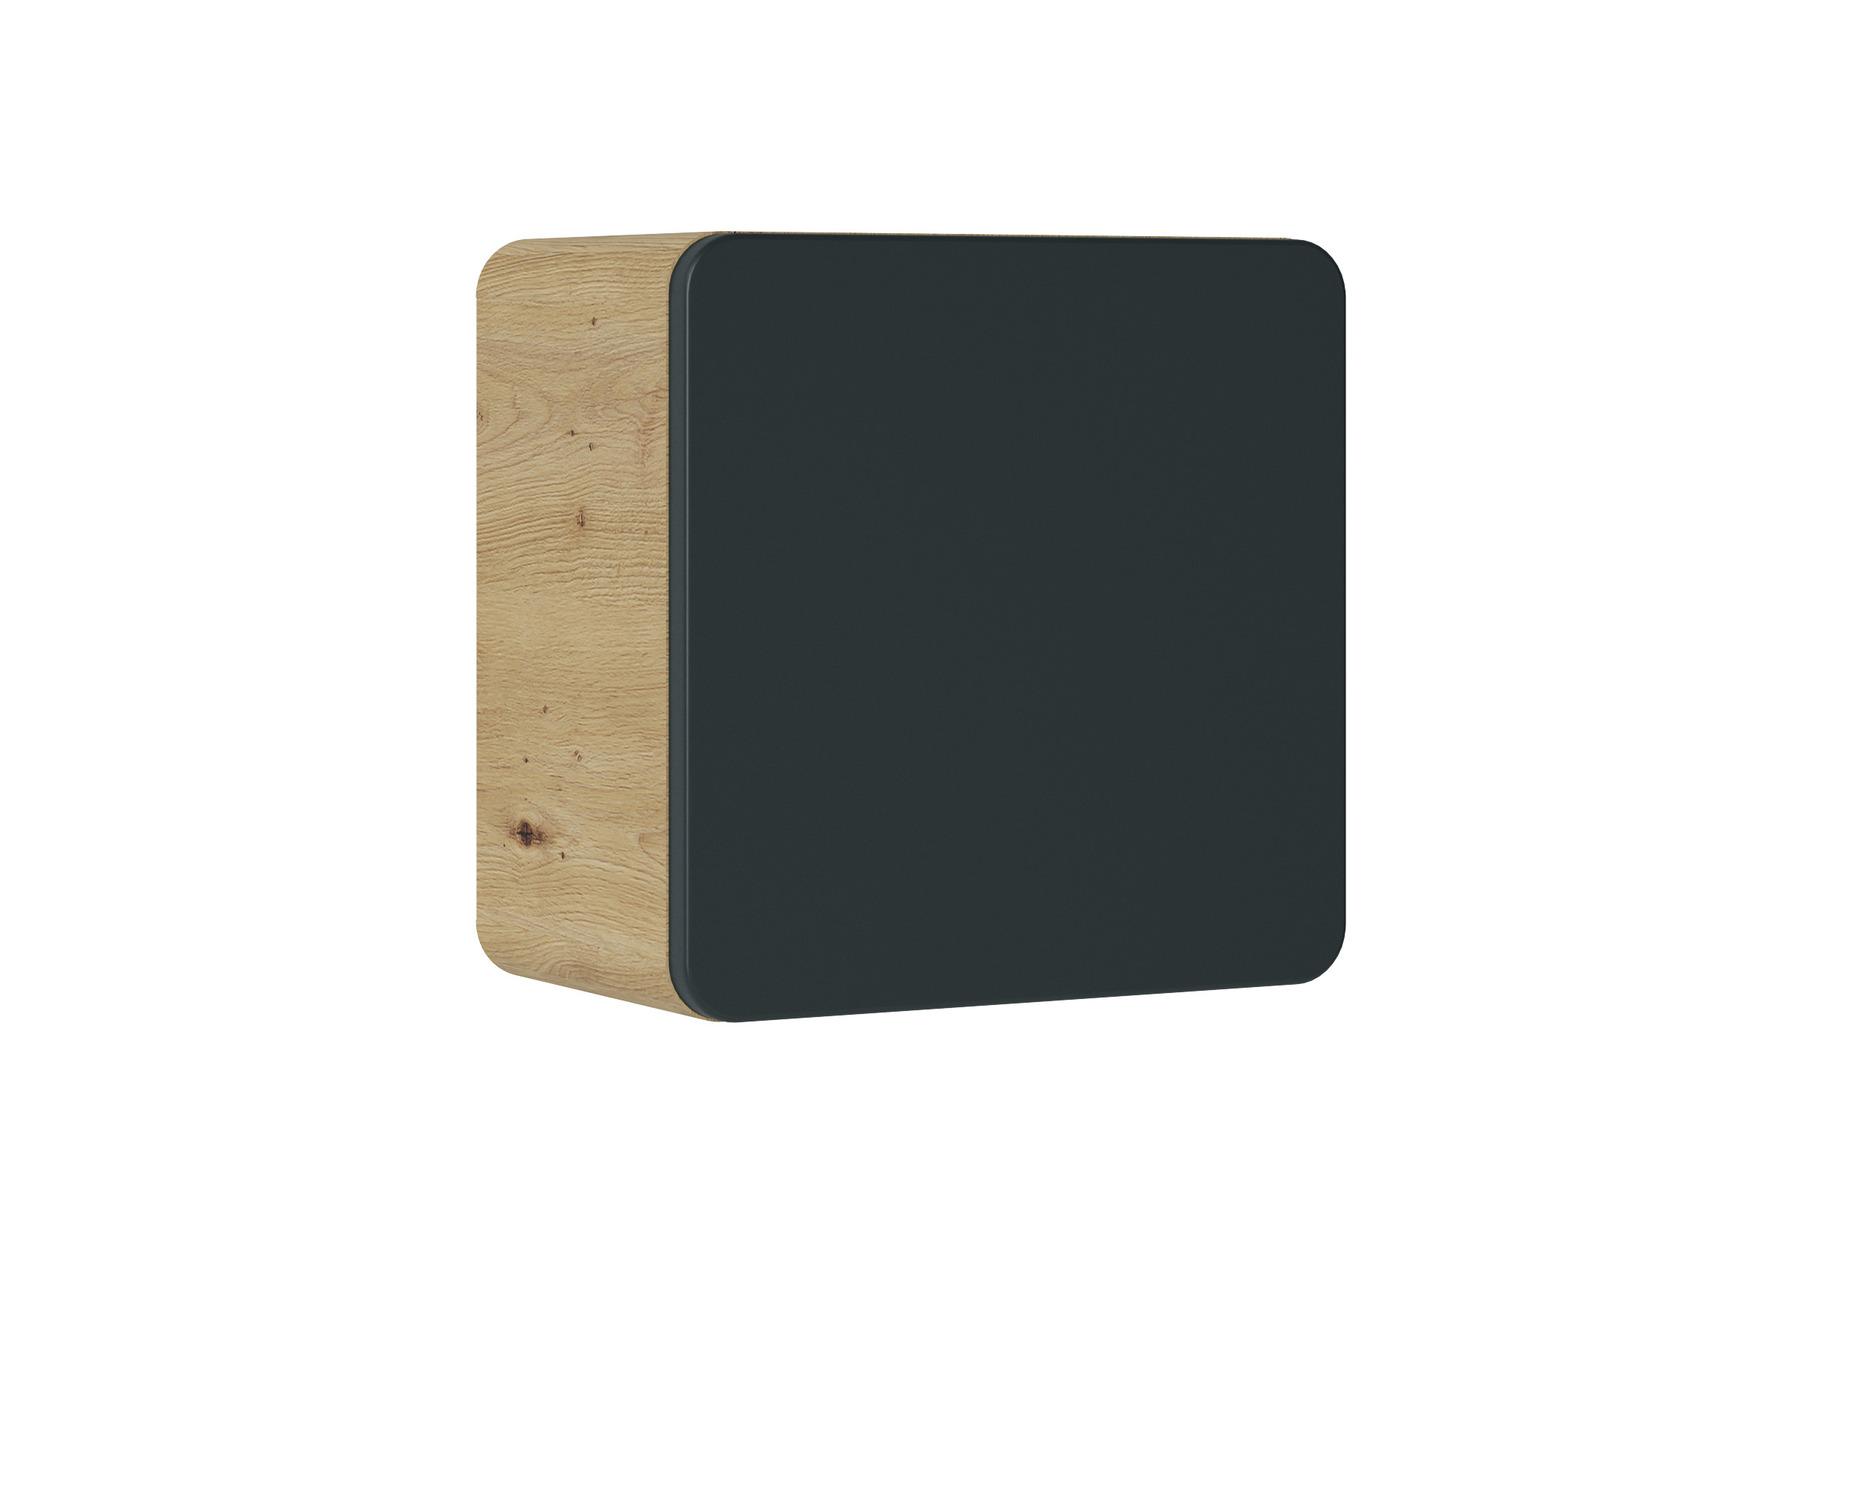 ArtCom Kúpeľňová zostava ARUBA Cosmos Typ: Malá skrinka / kocka 831 - 35 x 35 x 22 cm